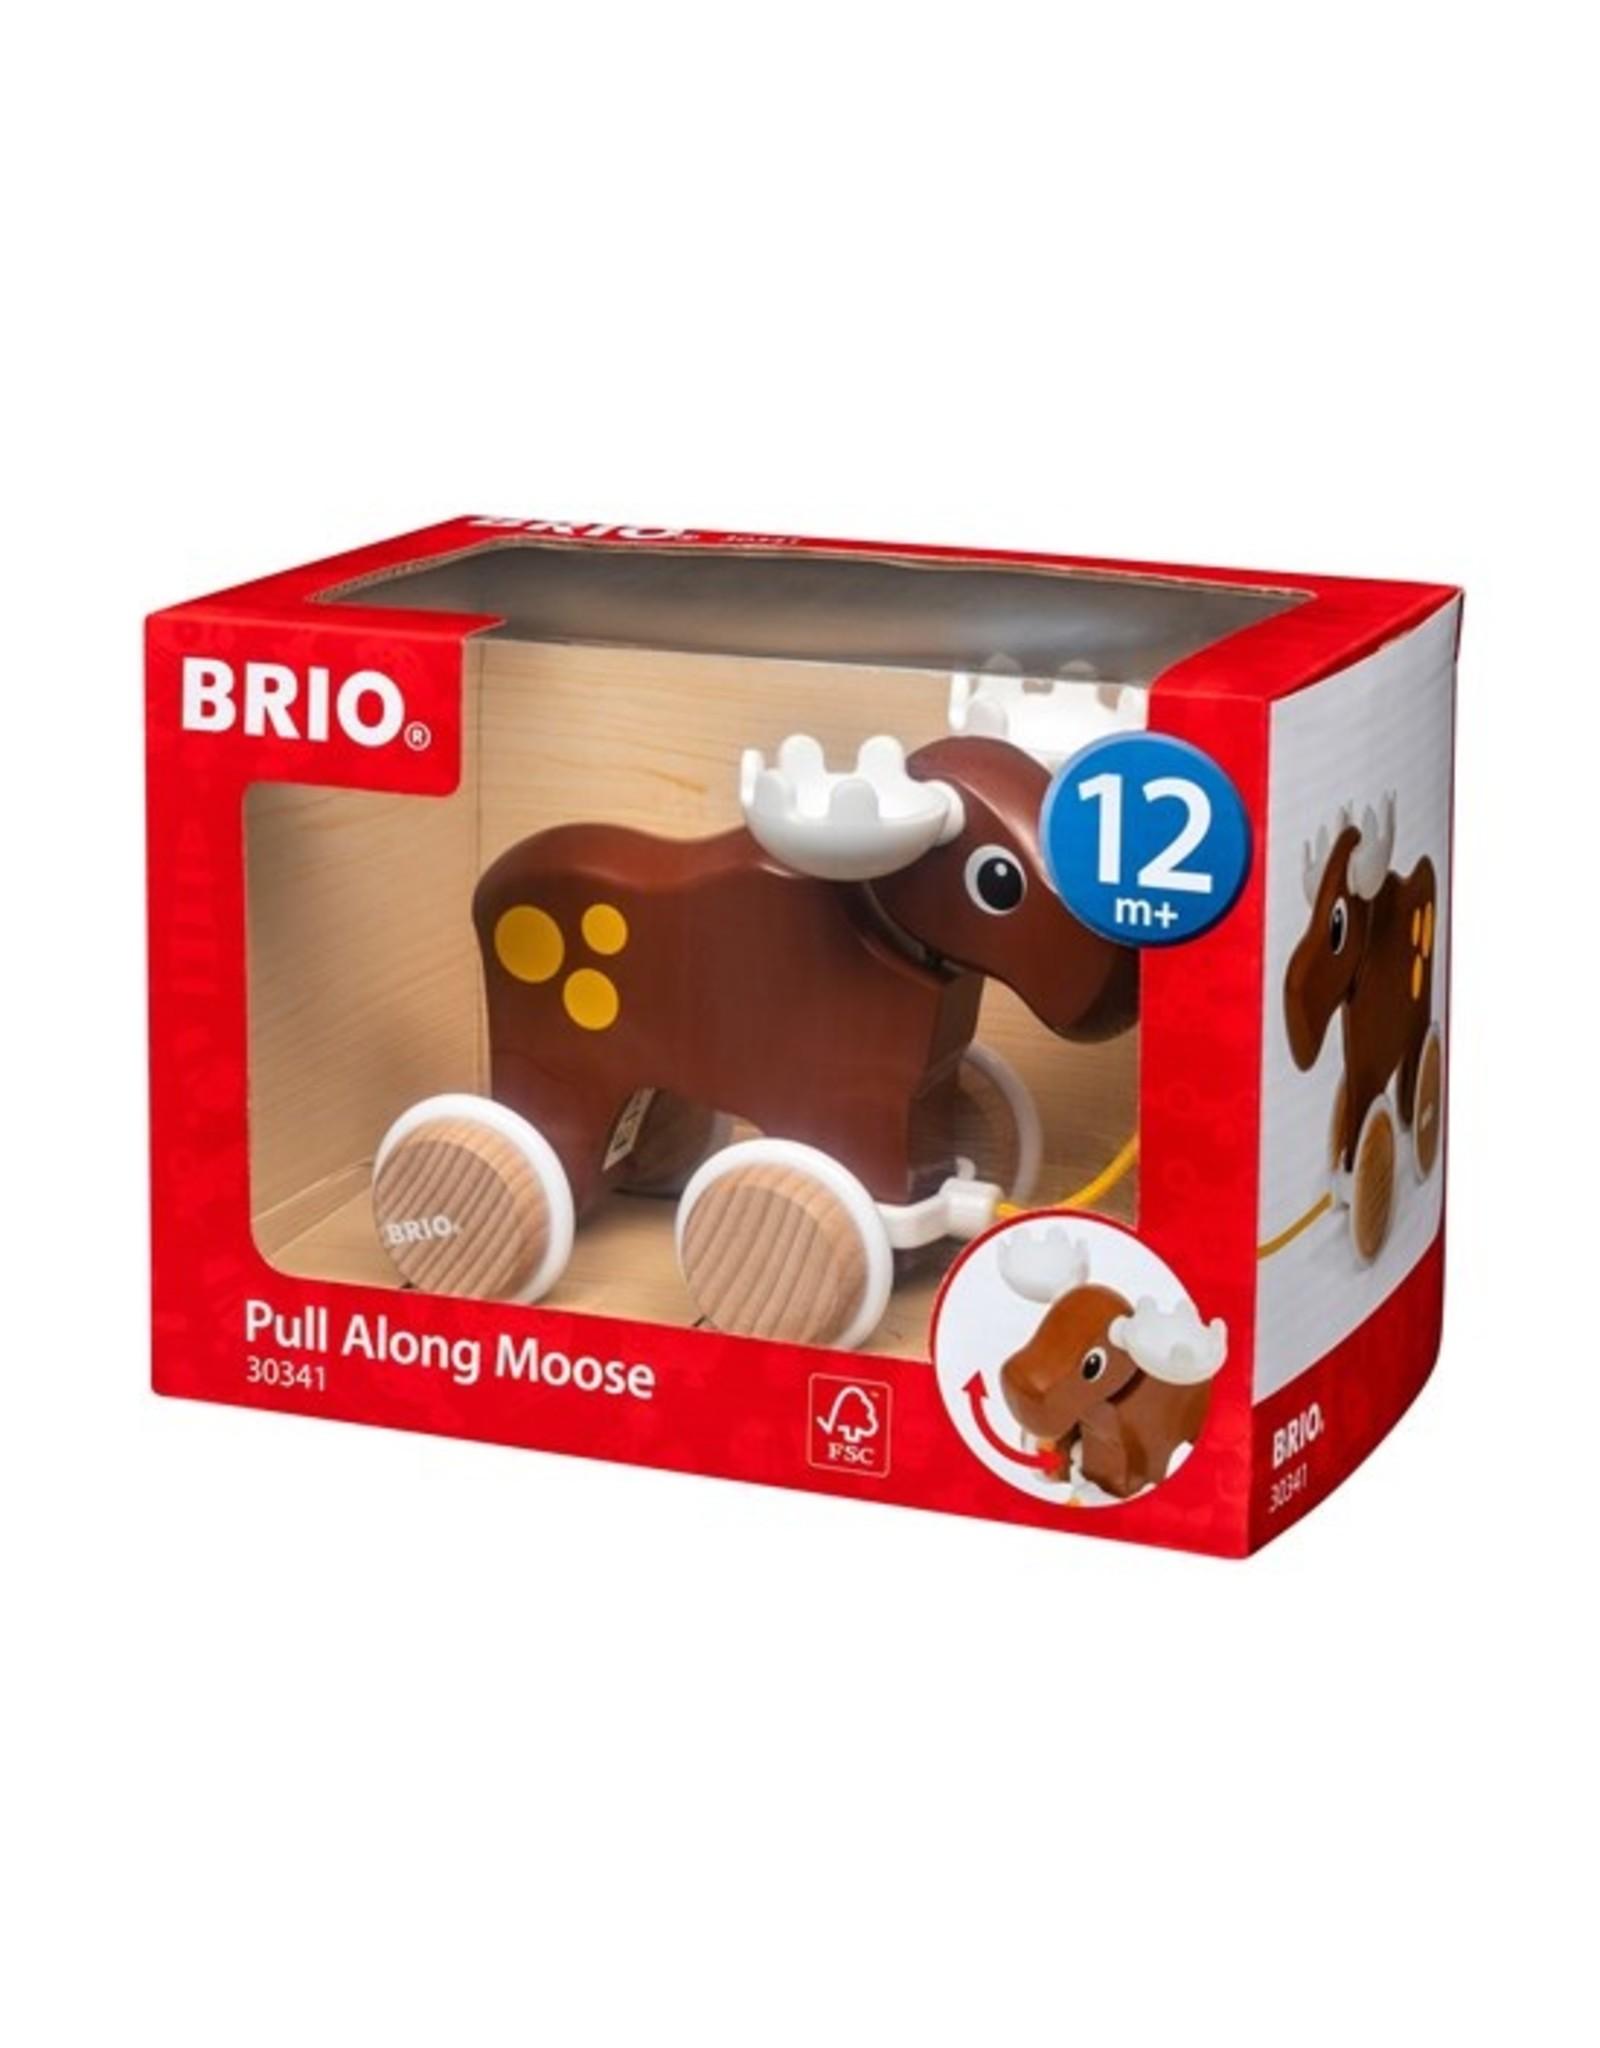 Brio Pull Along Moose